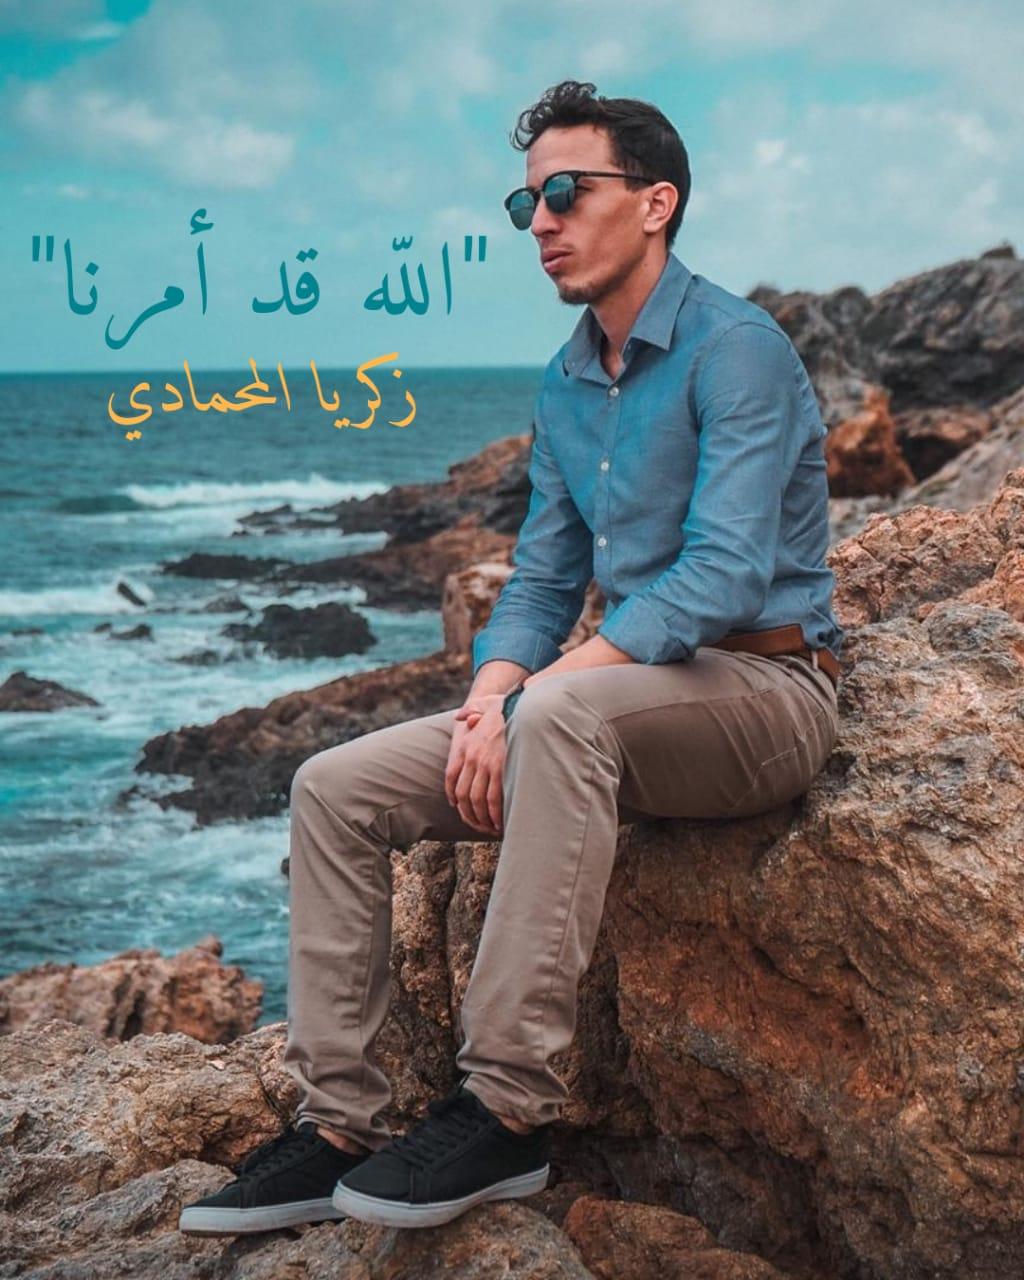 """المشند  زكريا المحمادي يتألق بعمل فني جديد باللغة الأمازيغية تحت عنوان :""""الله قد أمرنا """" :  فيديو"""